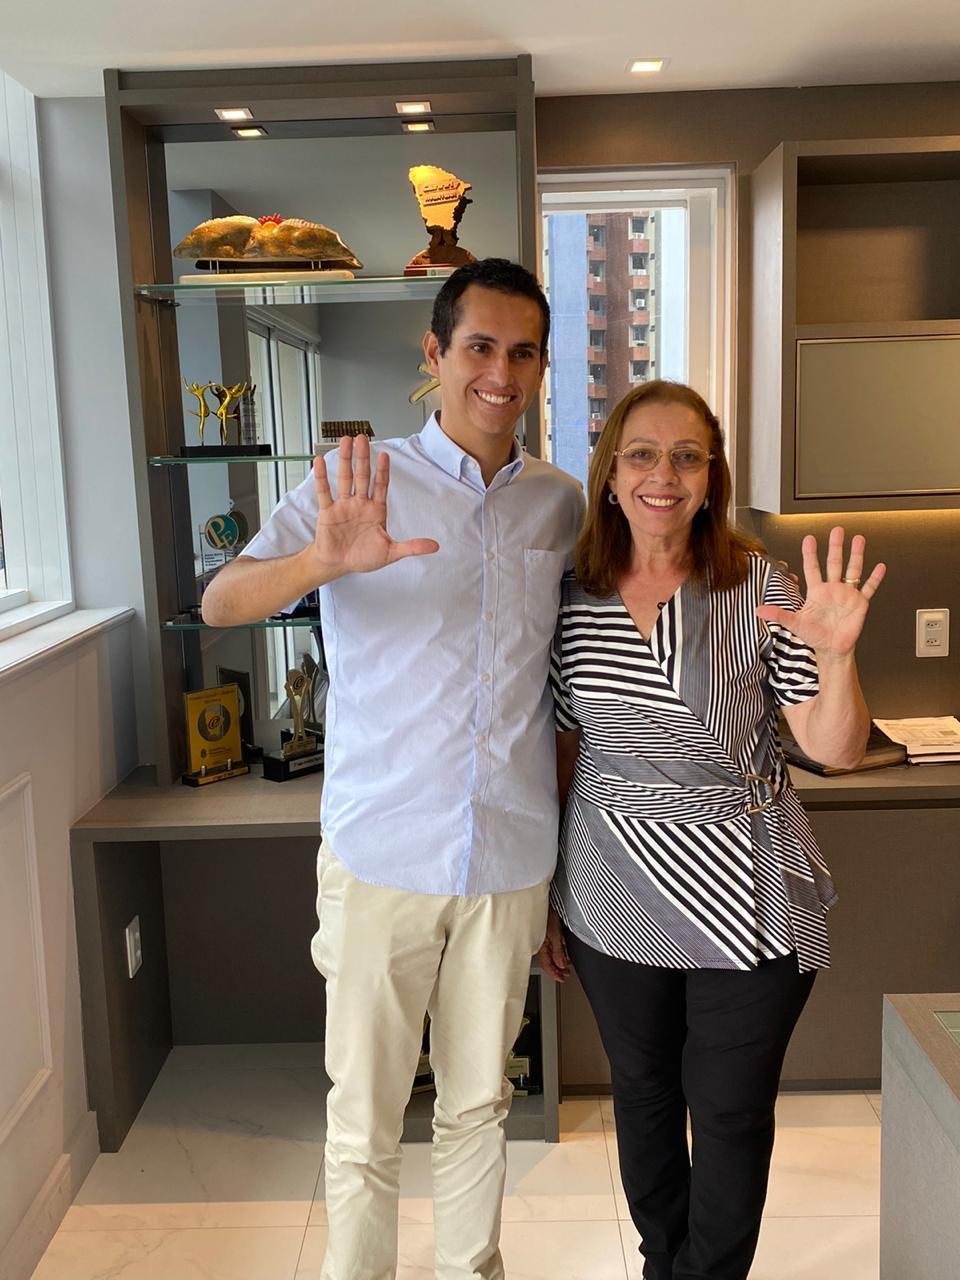 Domingos Neto reafirma parceria com a nova prefeita de Itapajé